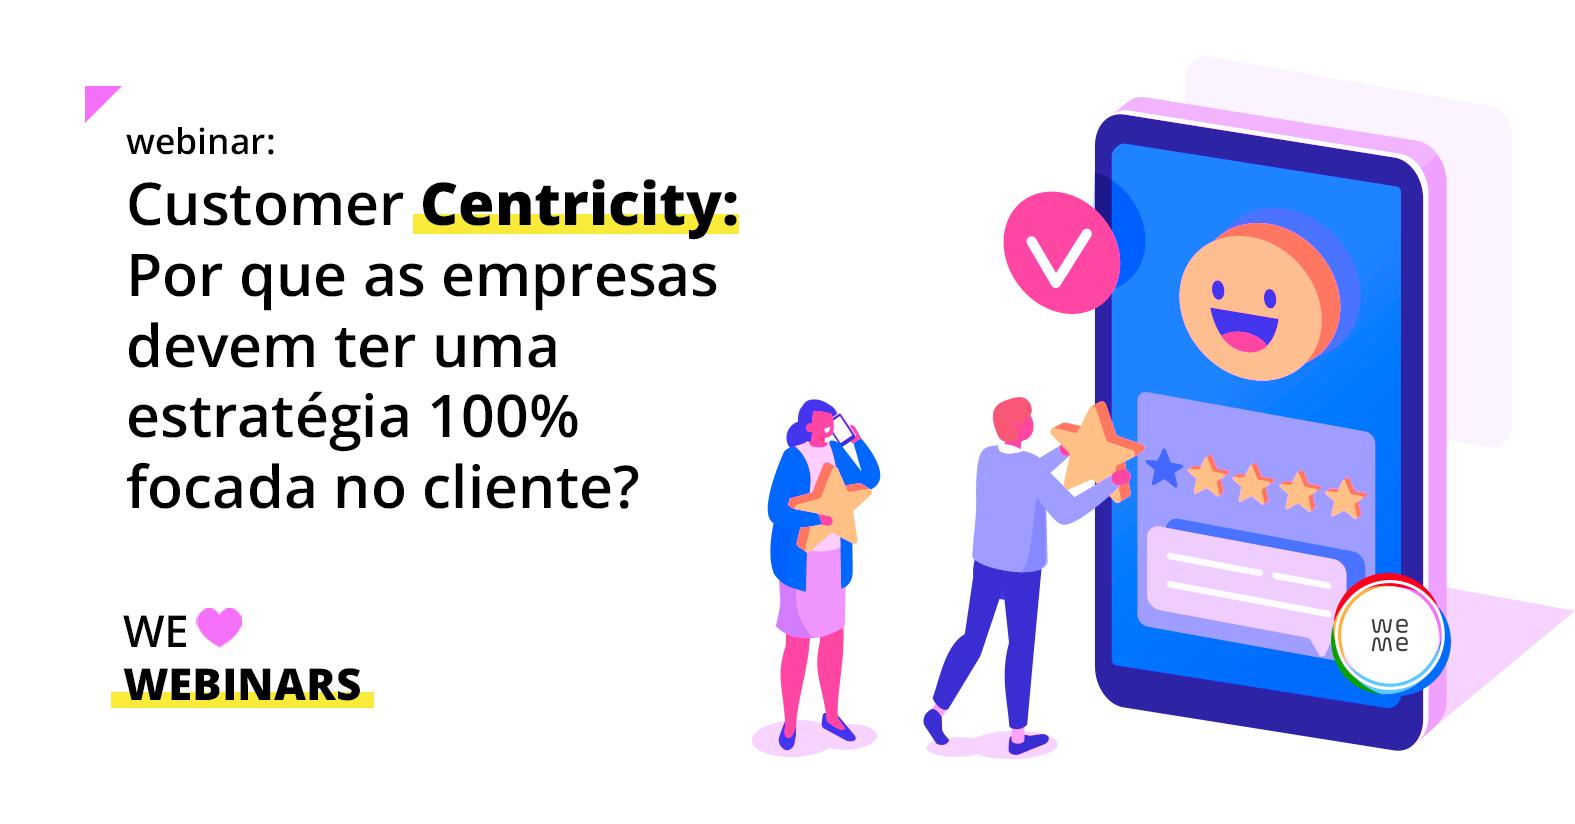 Customer Centricity: Por que as empresas devem ter uma estratégia 100% focada no cliente?